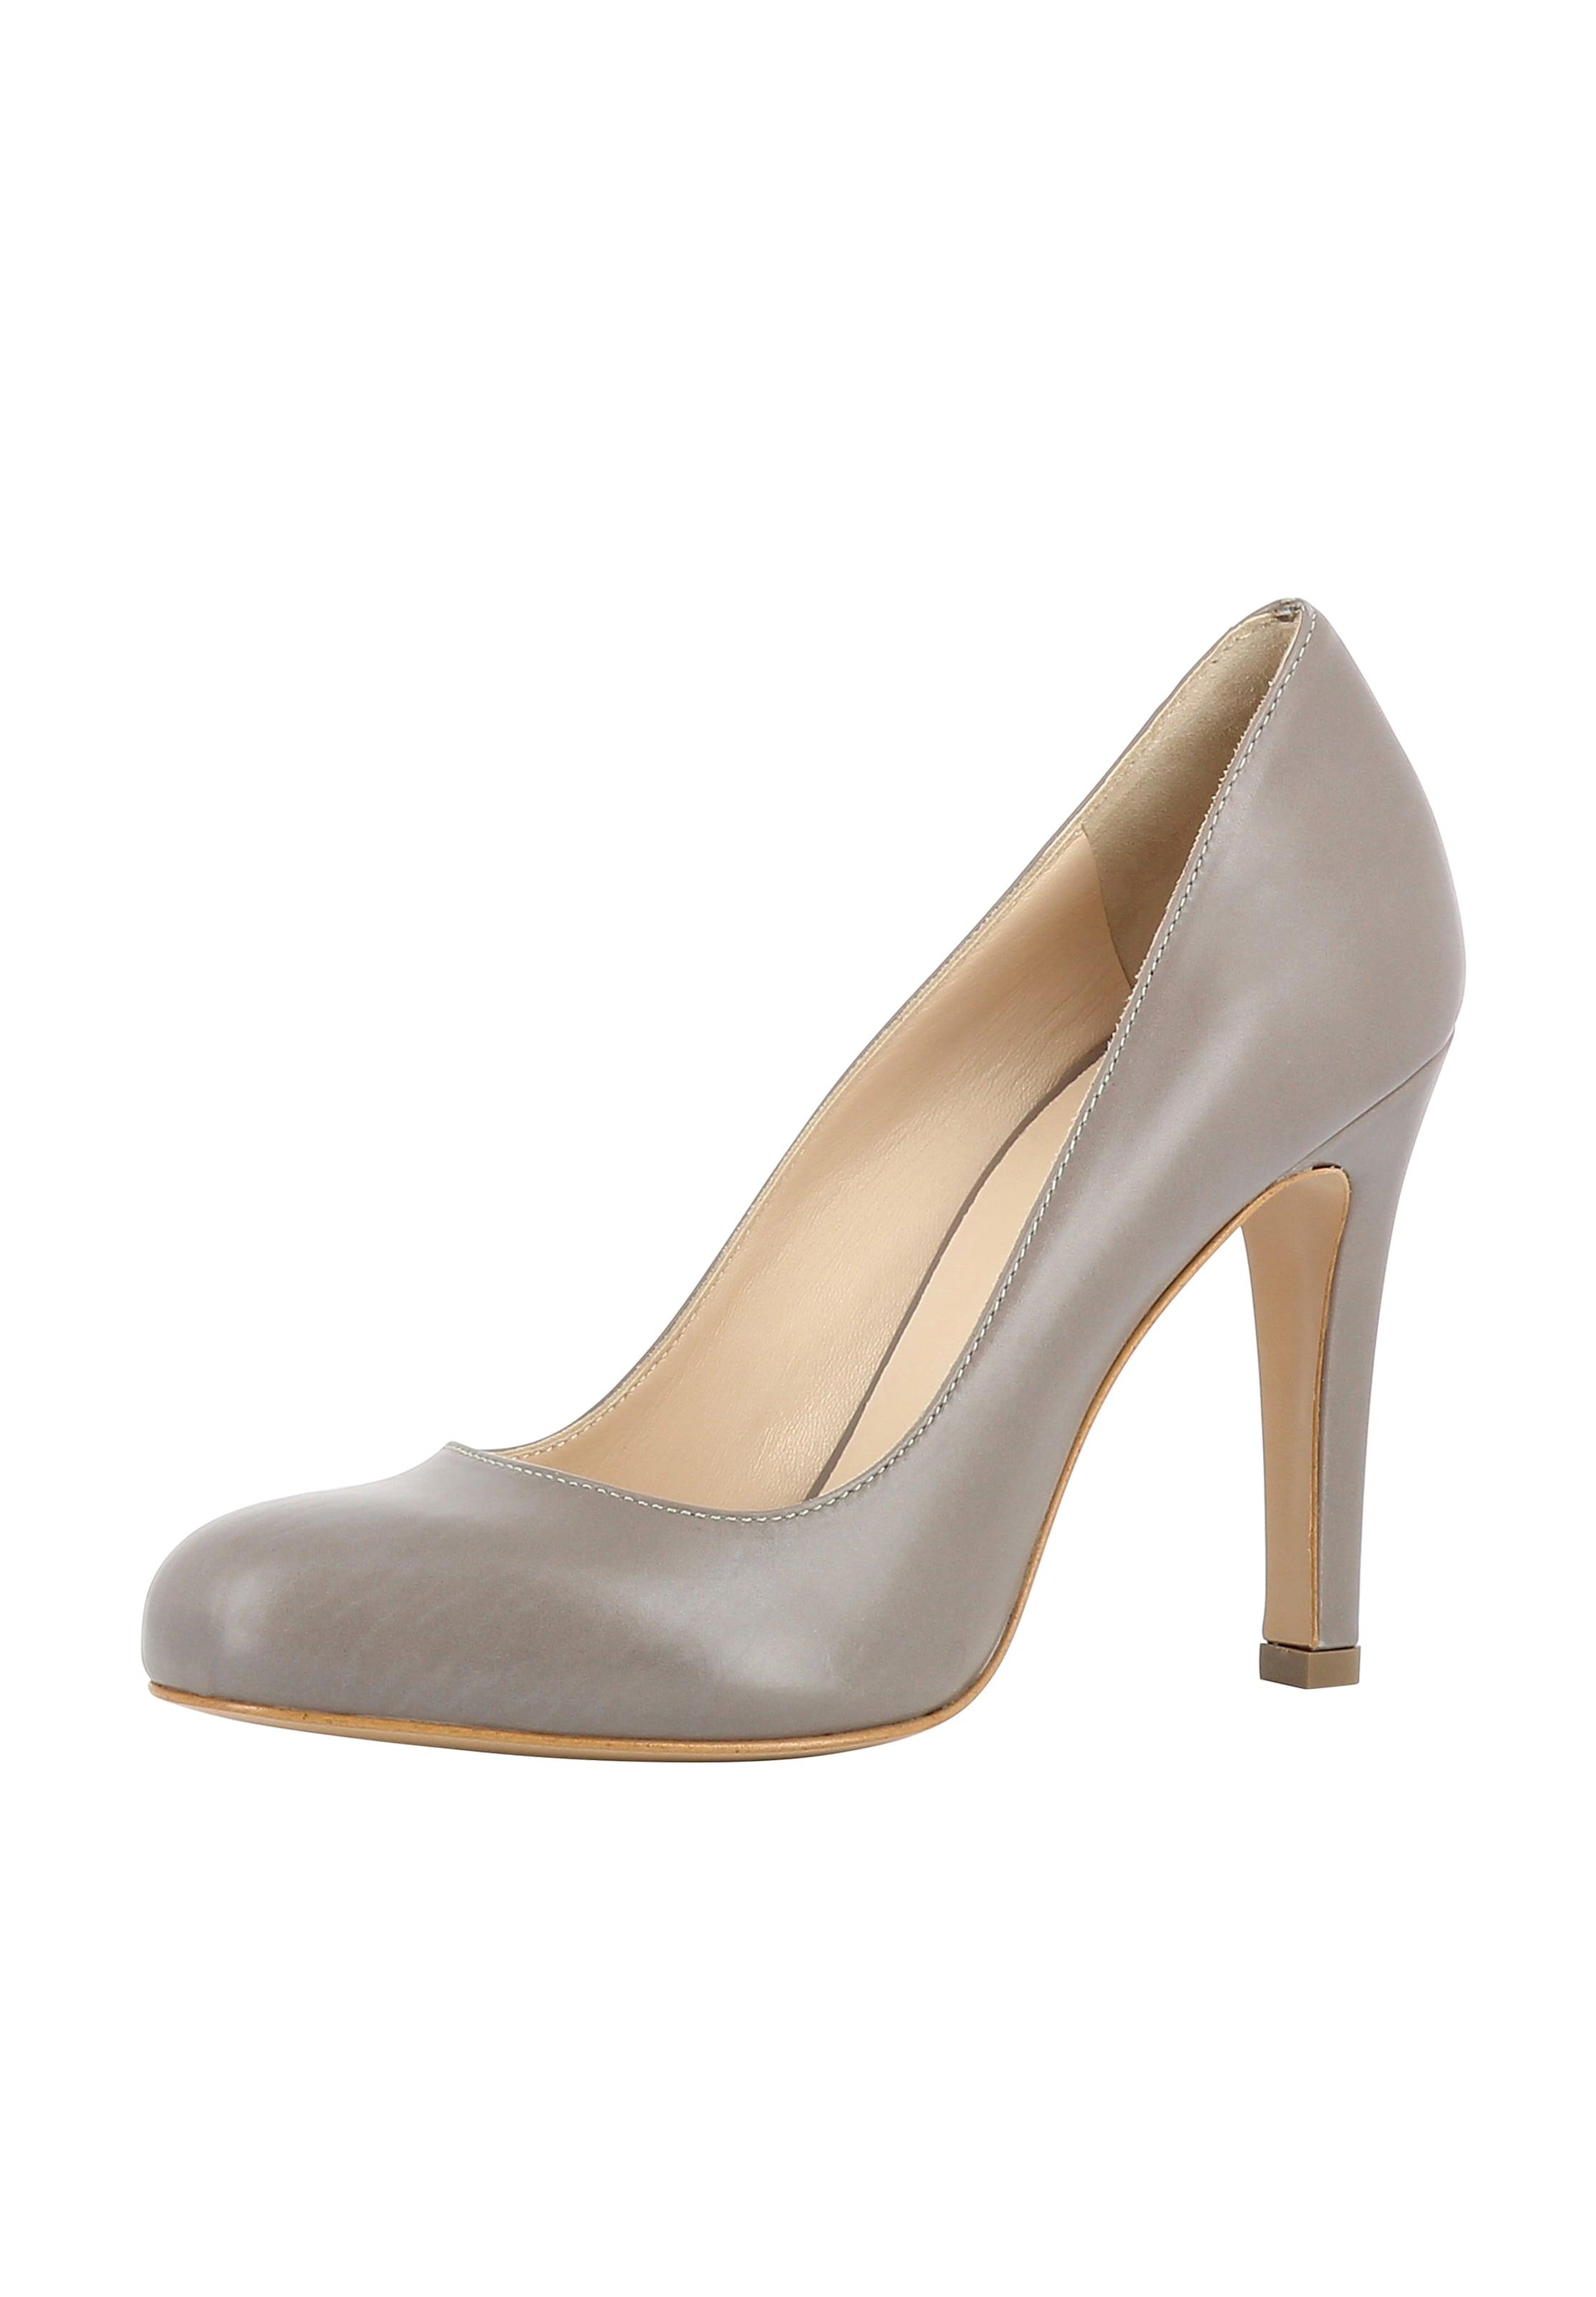 EVITA Pumps Verschleißfeste billige Schuhe Qualität Hohe Qualität Schuhe 490144